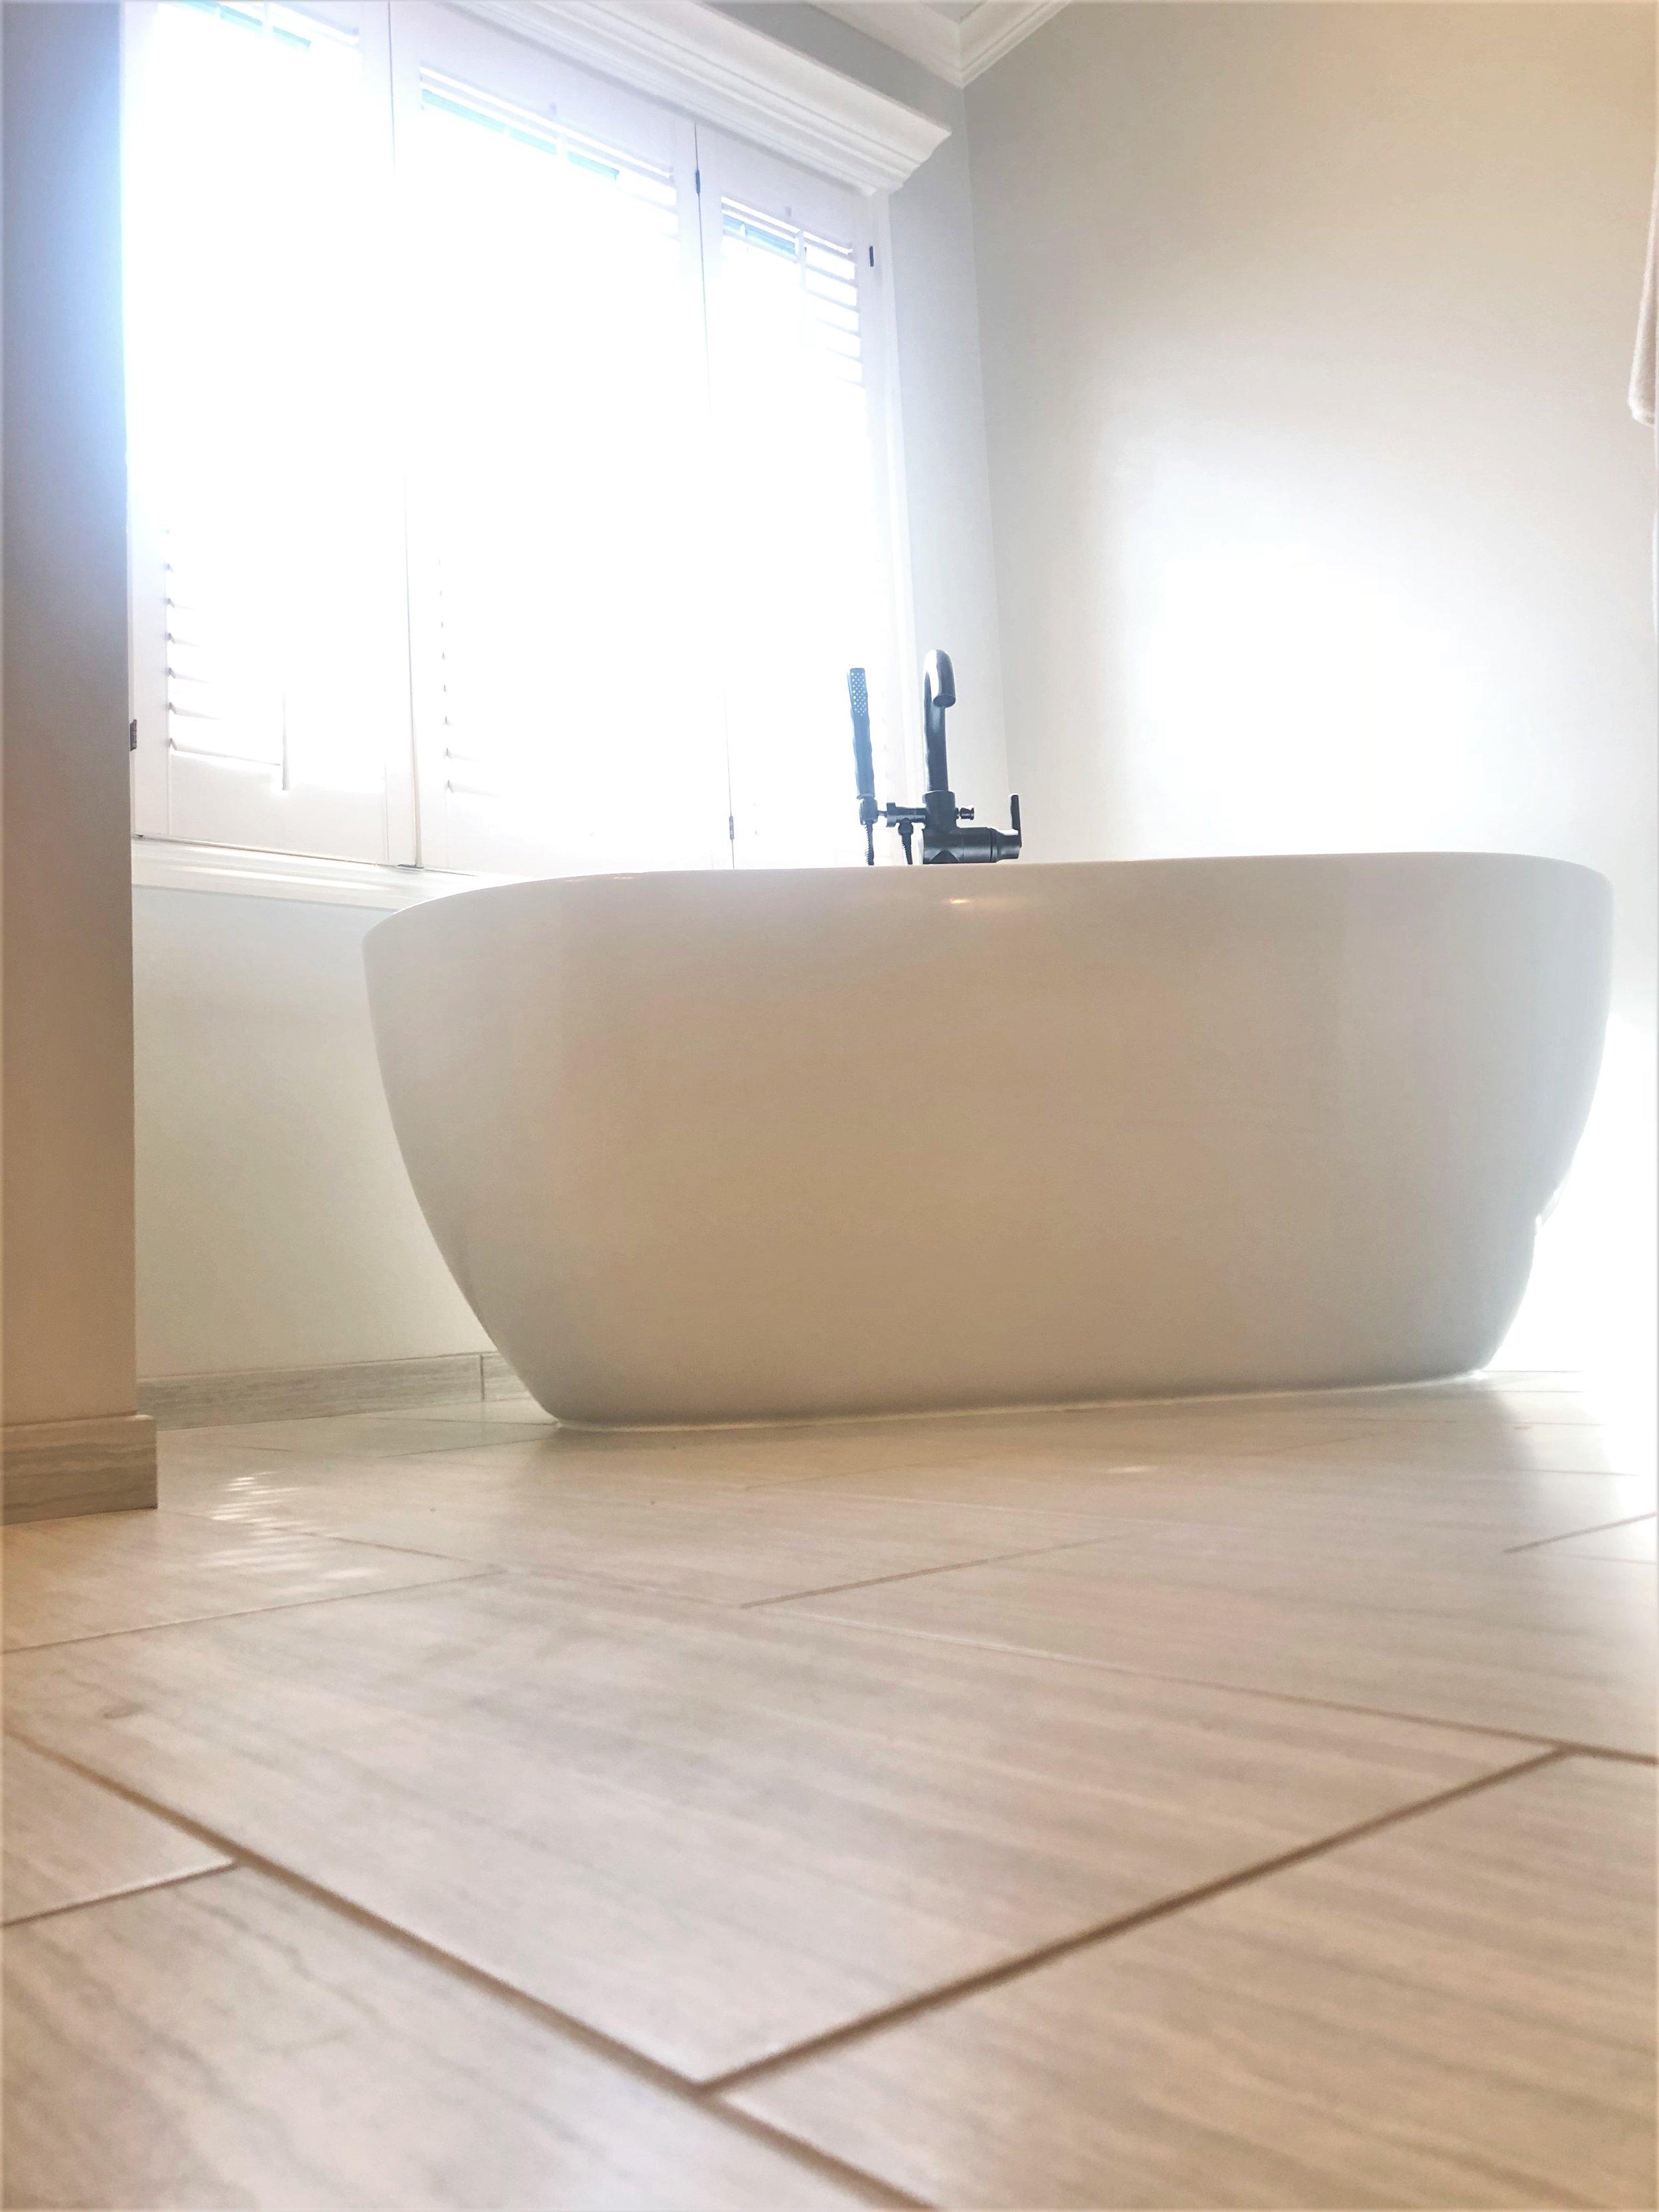 Bathtub and floor update.jpg